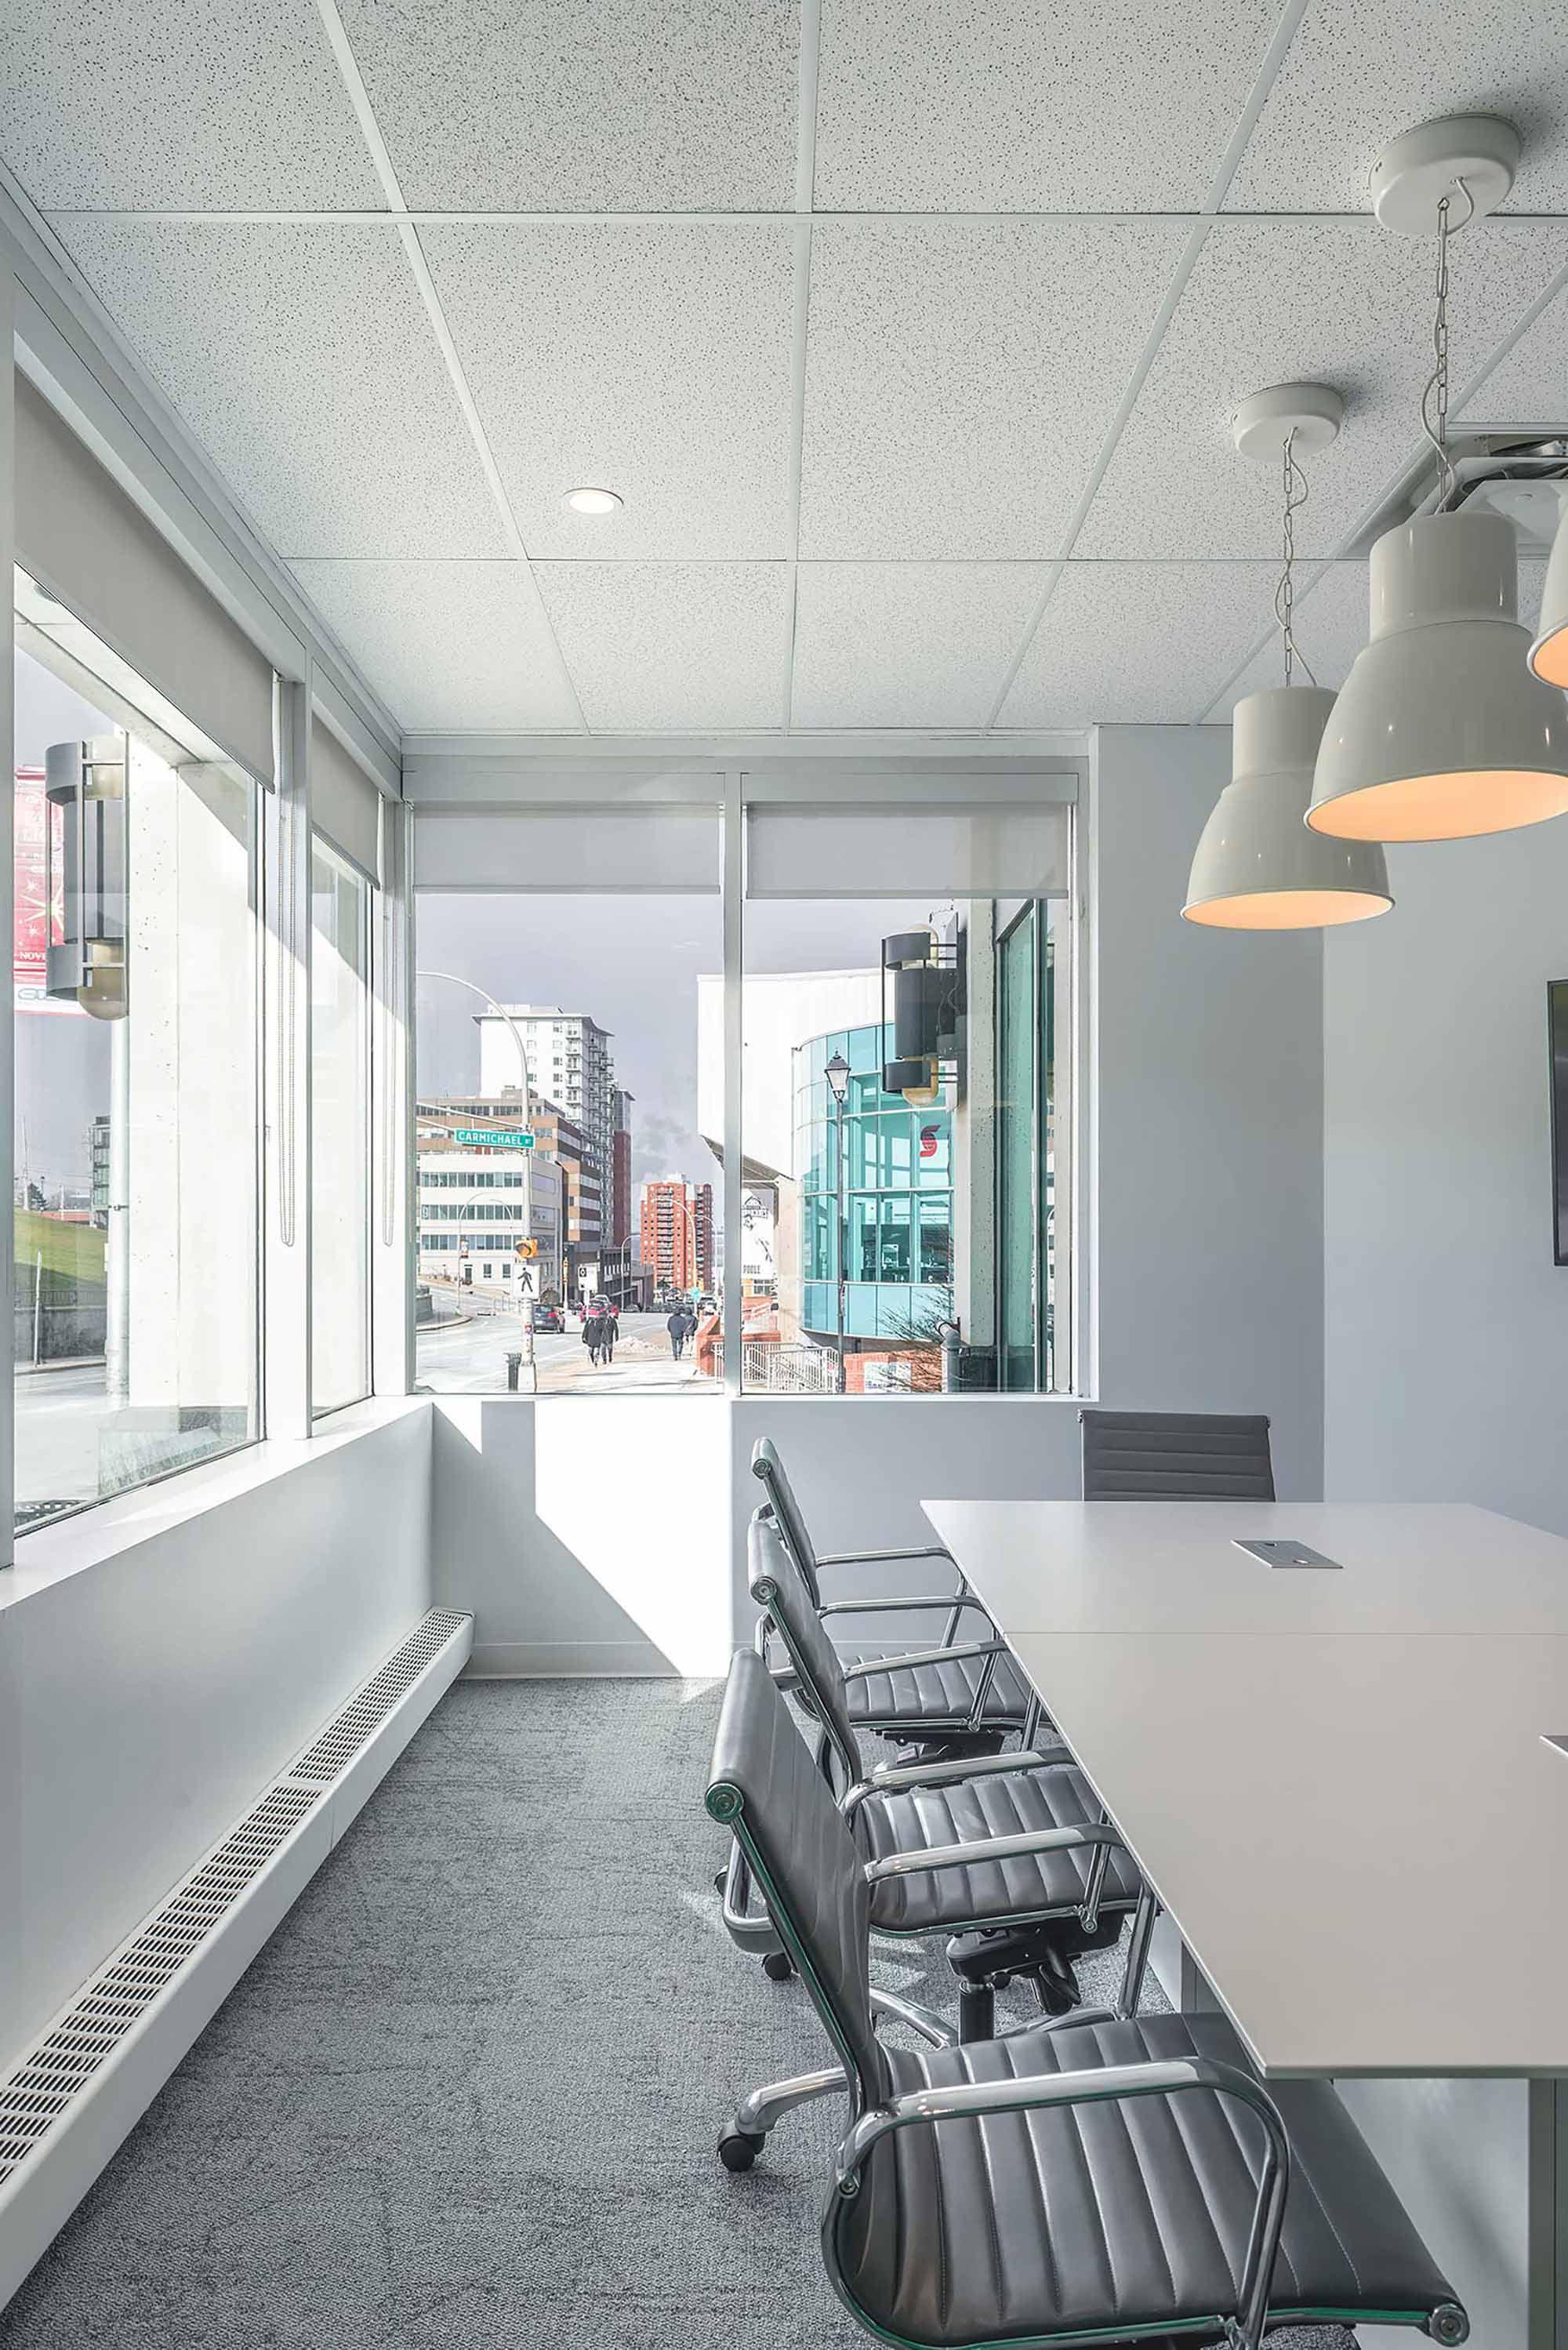 interior-design-athletic-hokcey-office-boardroom.jpg